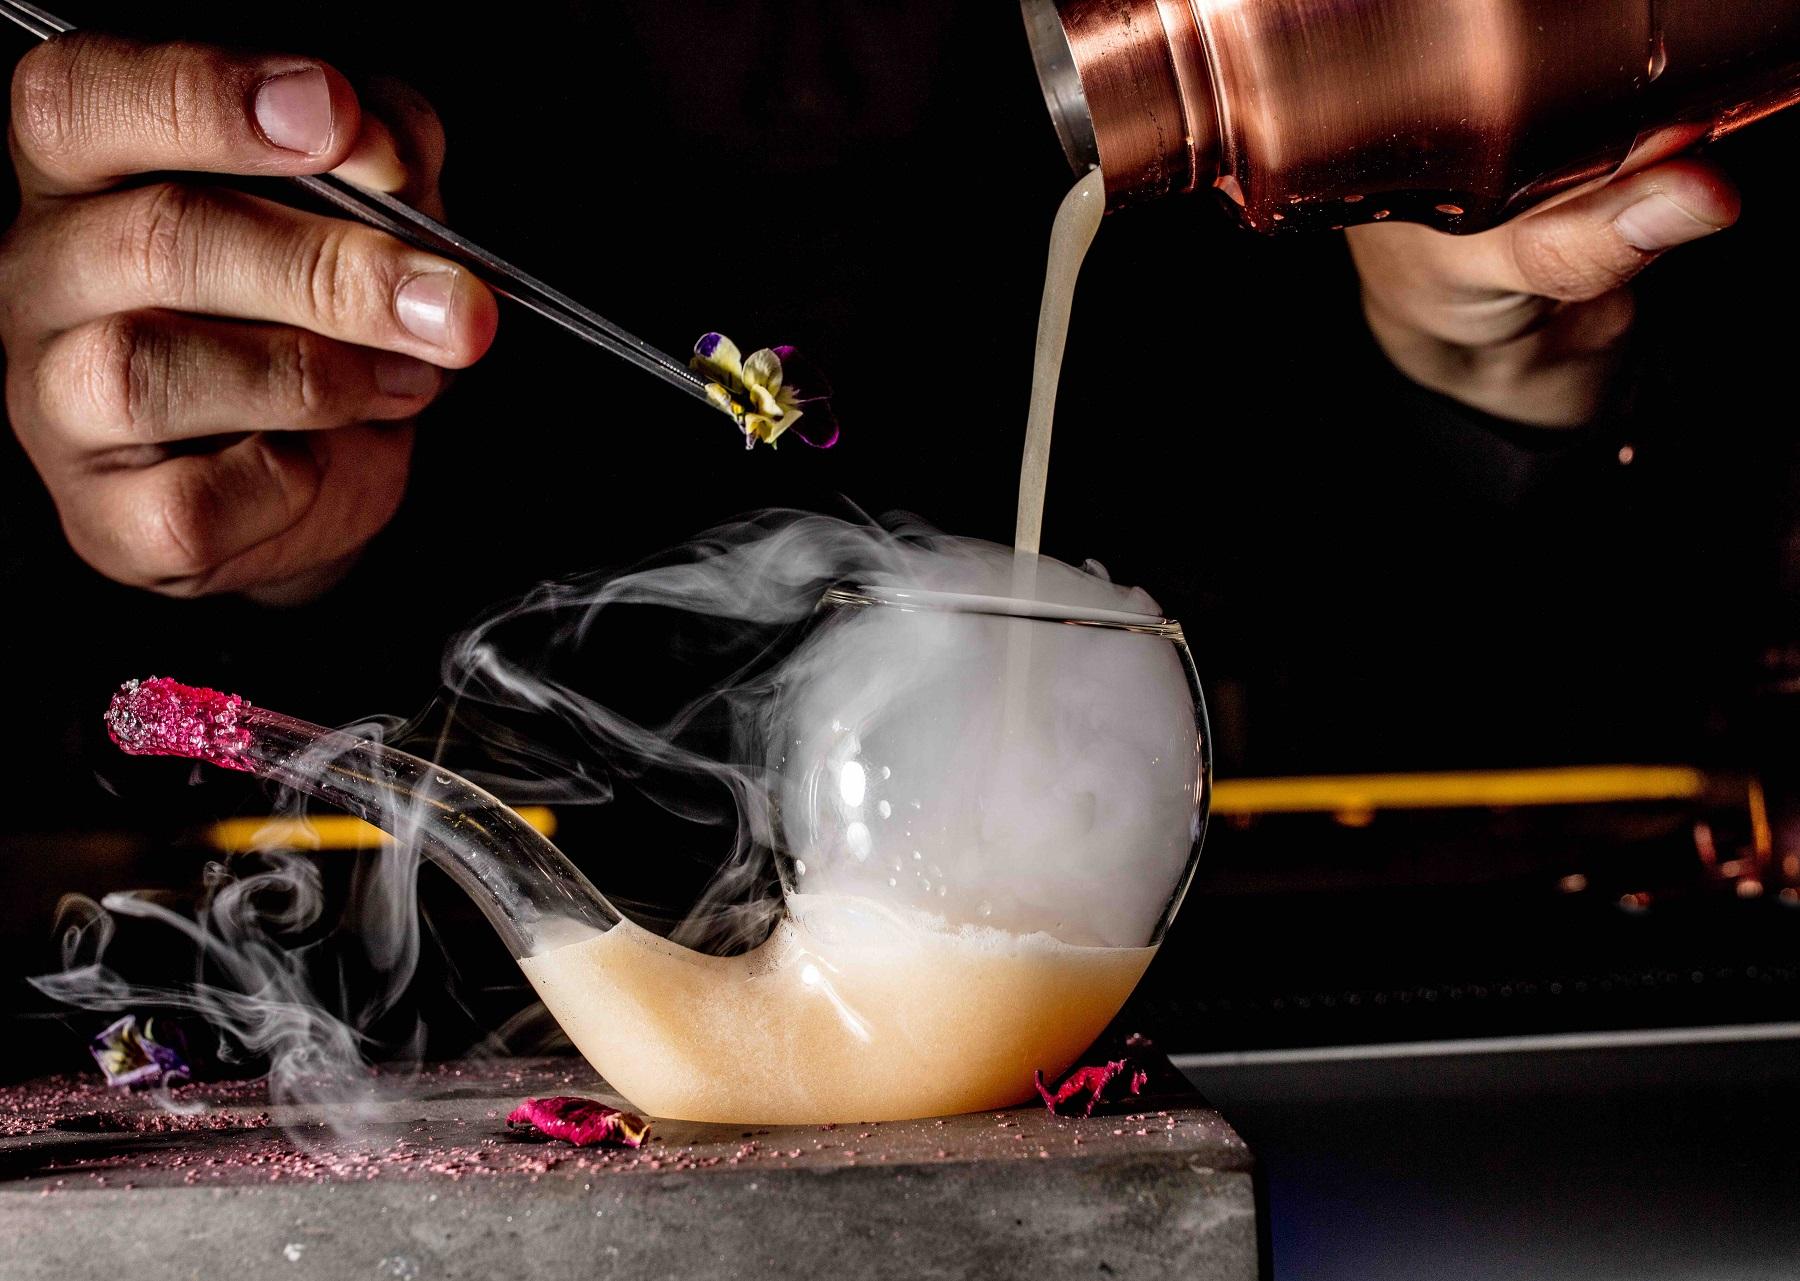 đồ uống cocktails tại intercontinental hanoi landmark72 khách sạn 5 sao sang trọng cao nhất hà nội